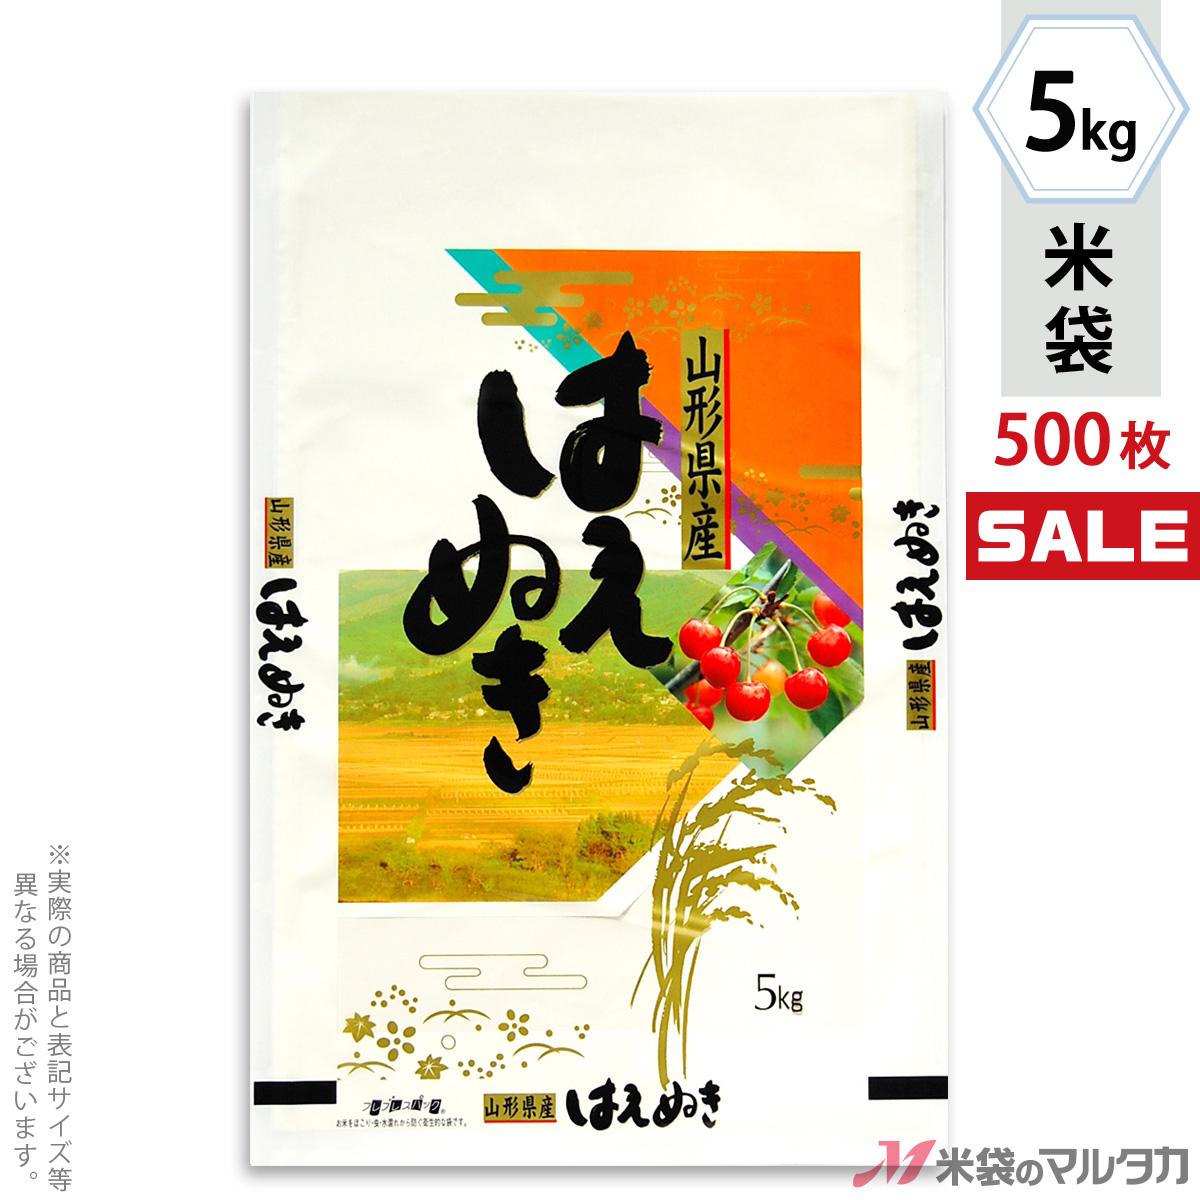 <キャンペーン対応>米袋 ラミ フレブレス 山形産はえぬき 旬来 5kg 1ケース(500枚入) MN-5190